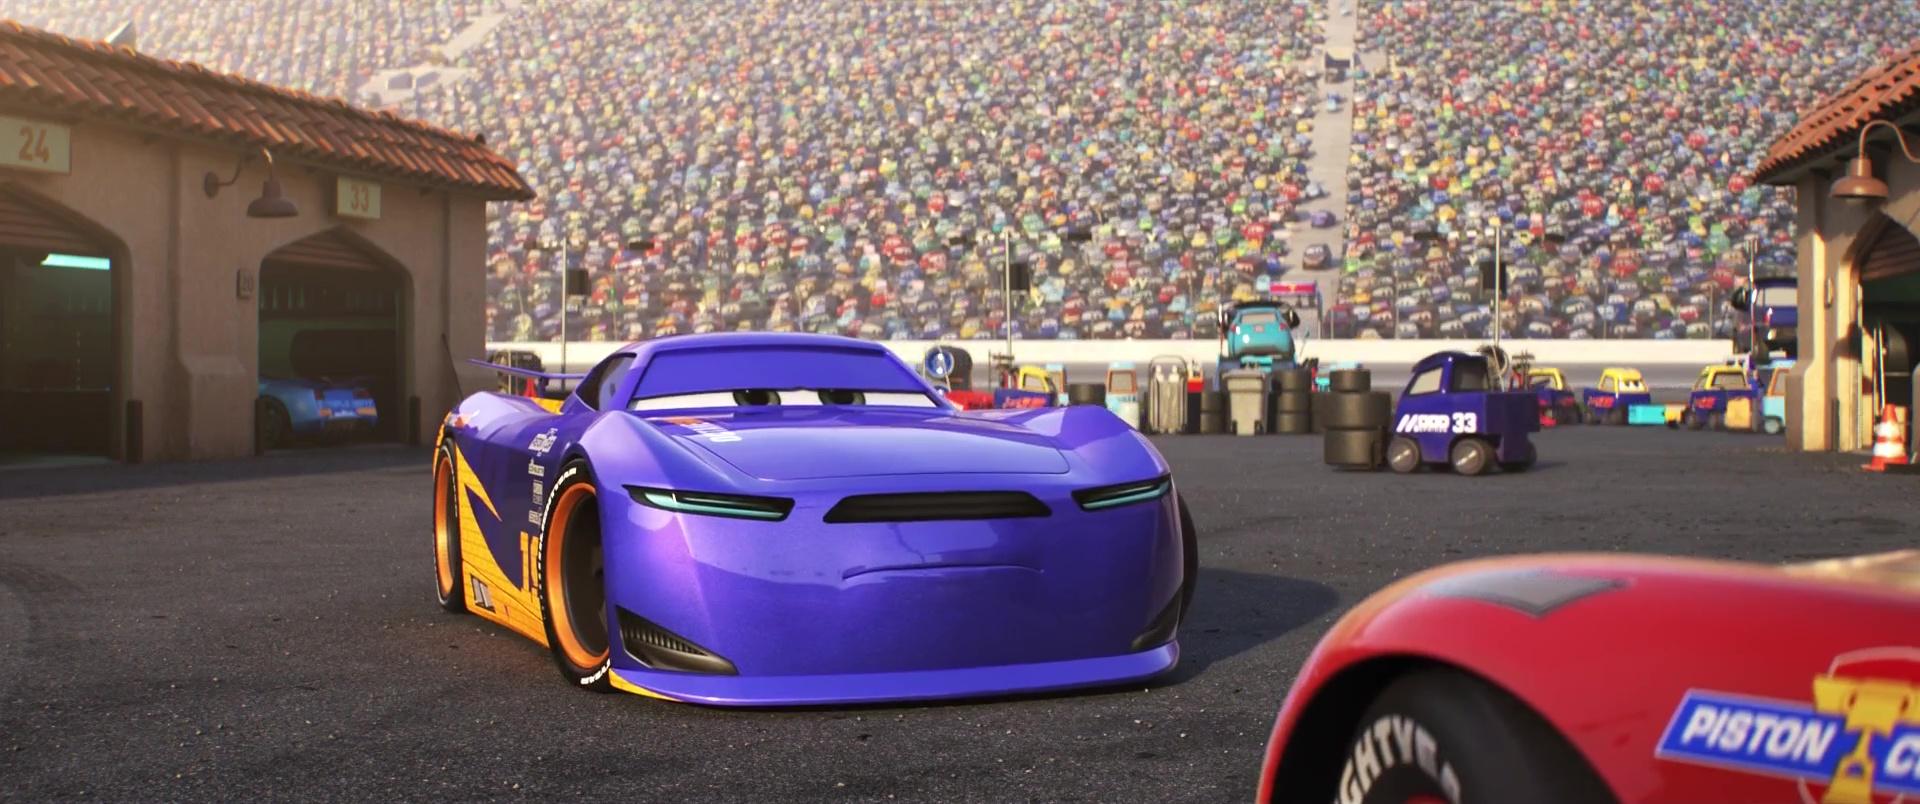 daniel danny swervez personnage dans cars 3 pixar planet fr. Black Bedroom Furniture Sets. Home Design Ideas